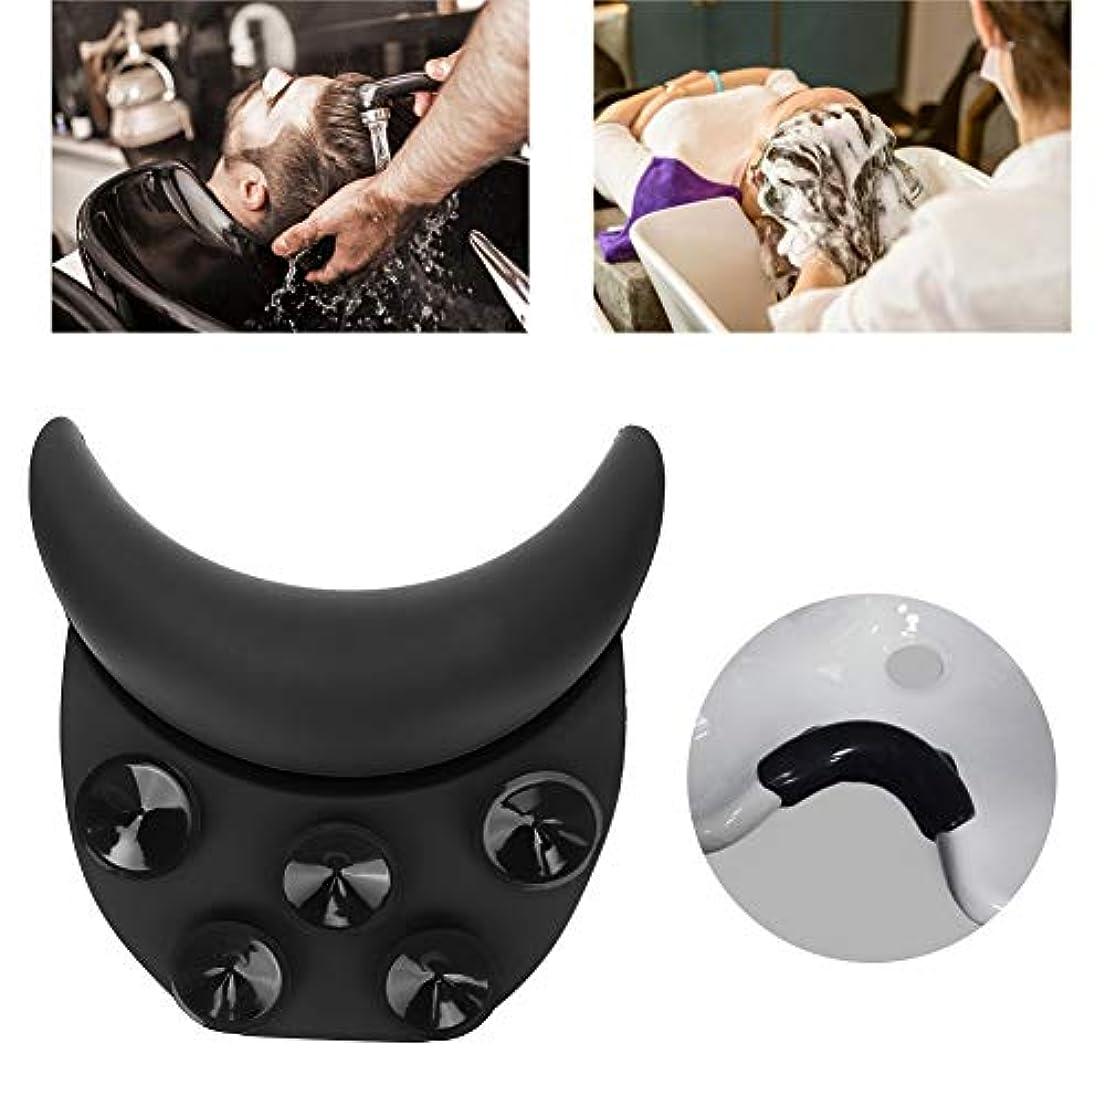 削除する尊厳力学ソフト シリコンカーブ枕 シャンプーベッド ネックレスト 髪洗浄枕理髪ツール